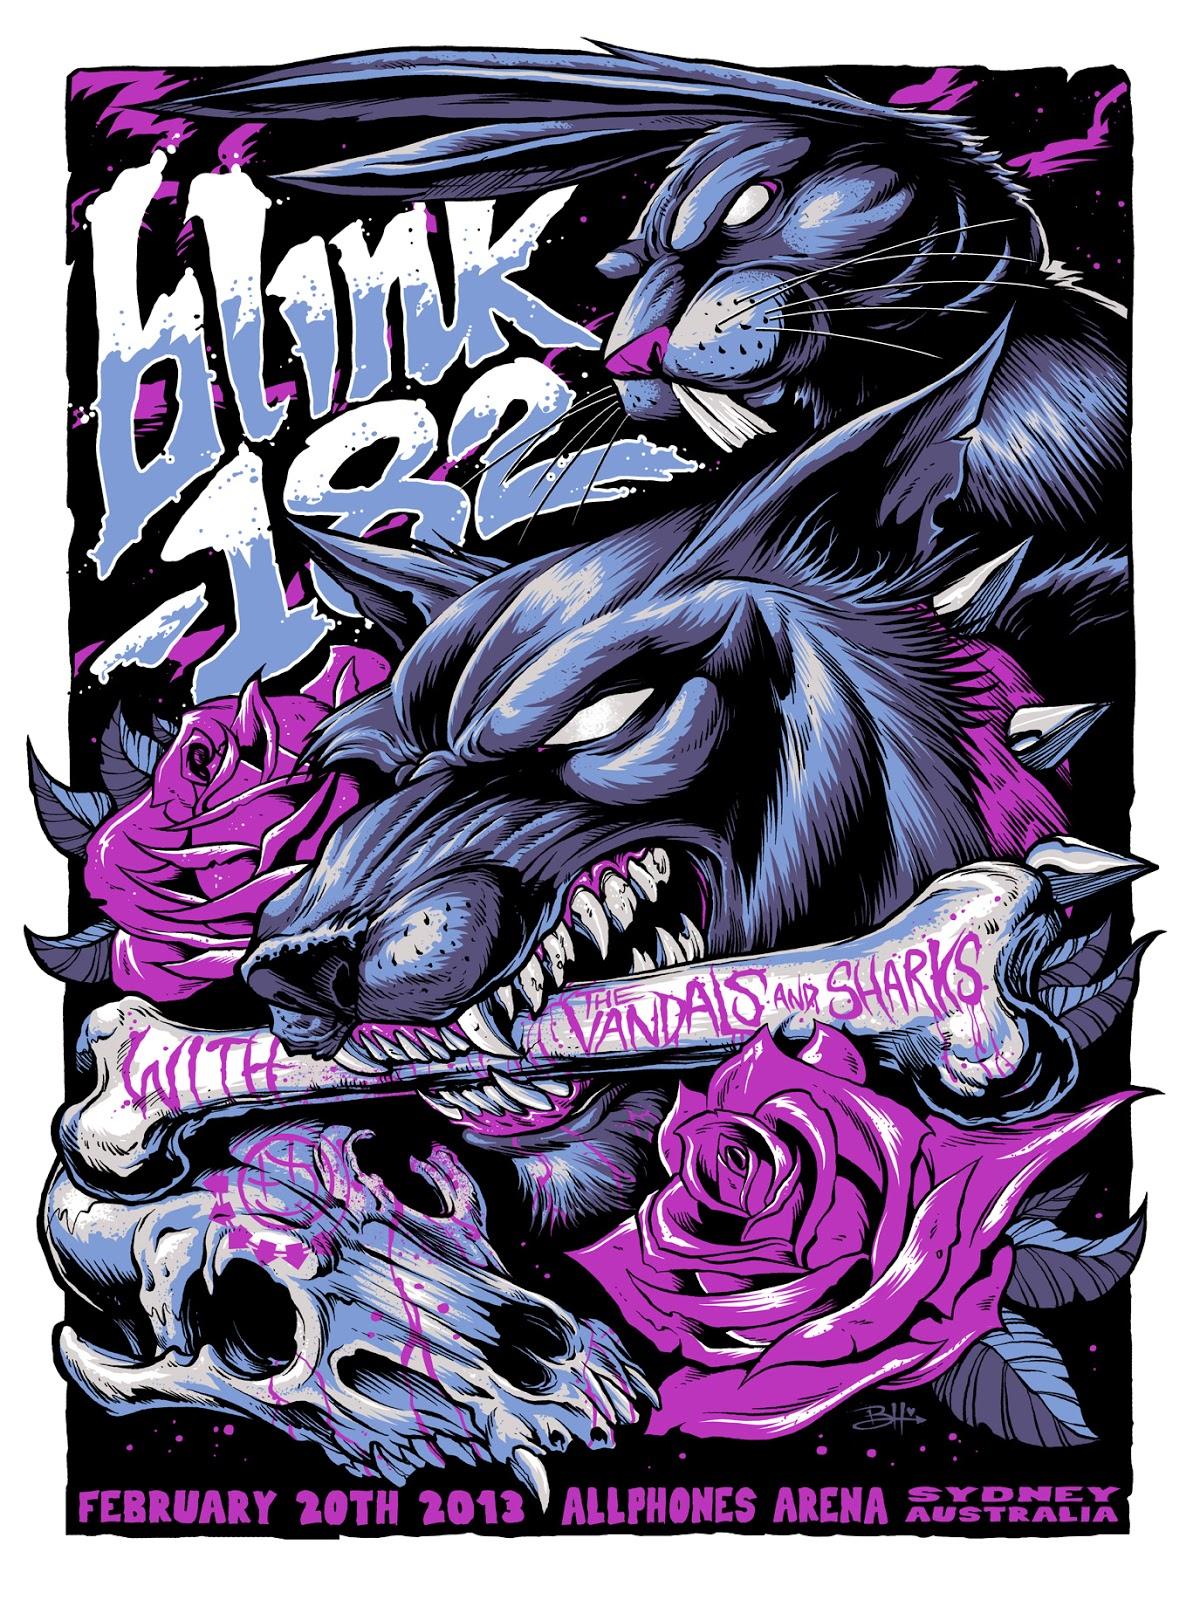 Blink-182 – Allphones Arena, Sydney – February 20, 2013